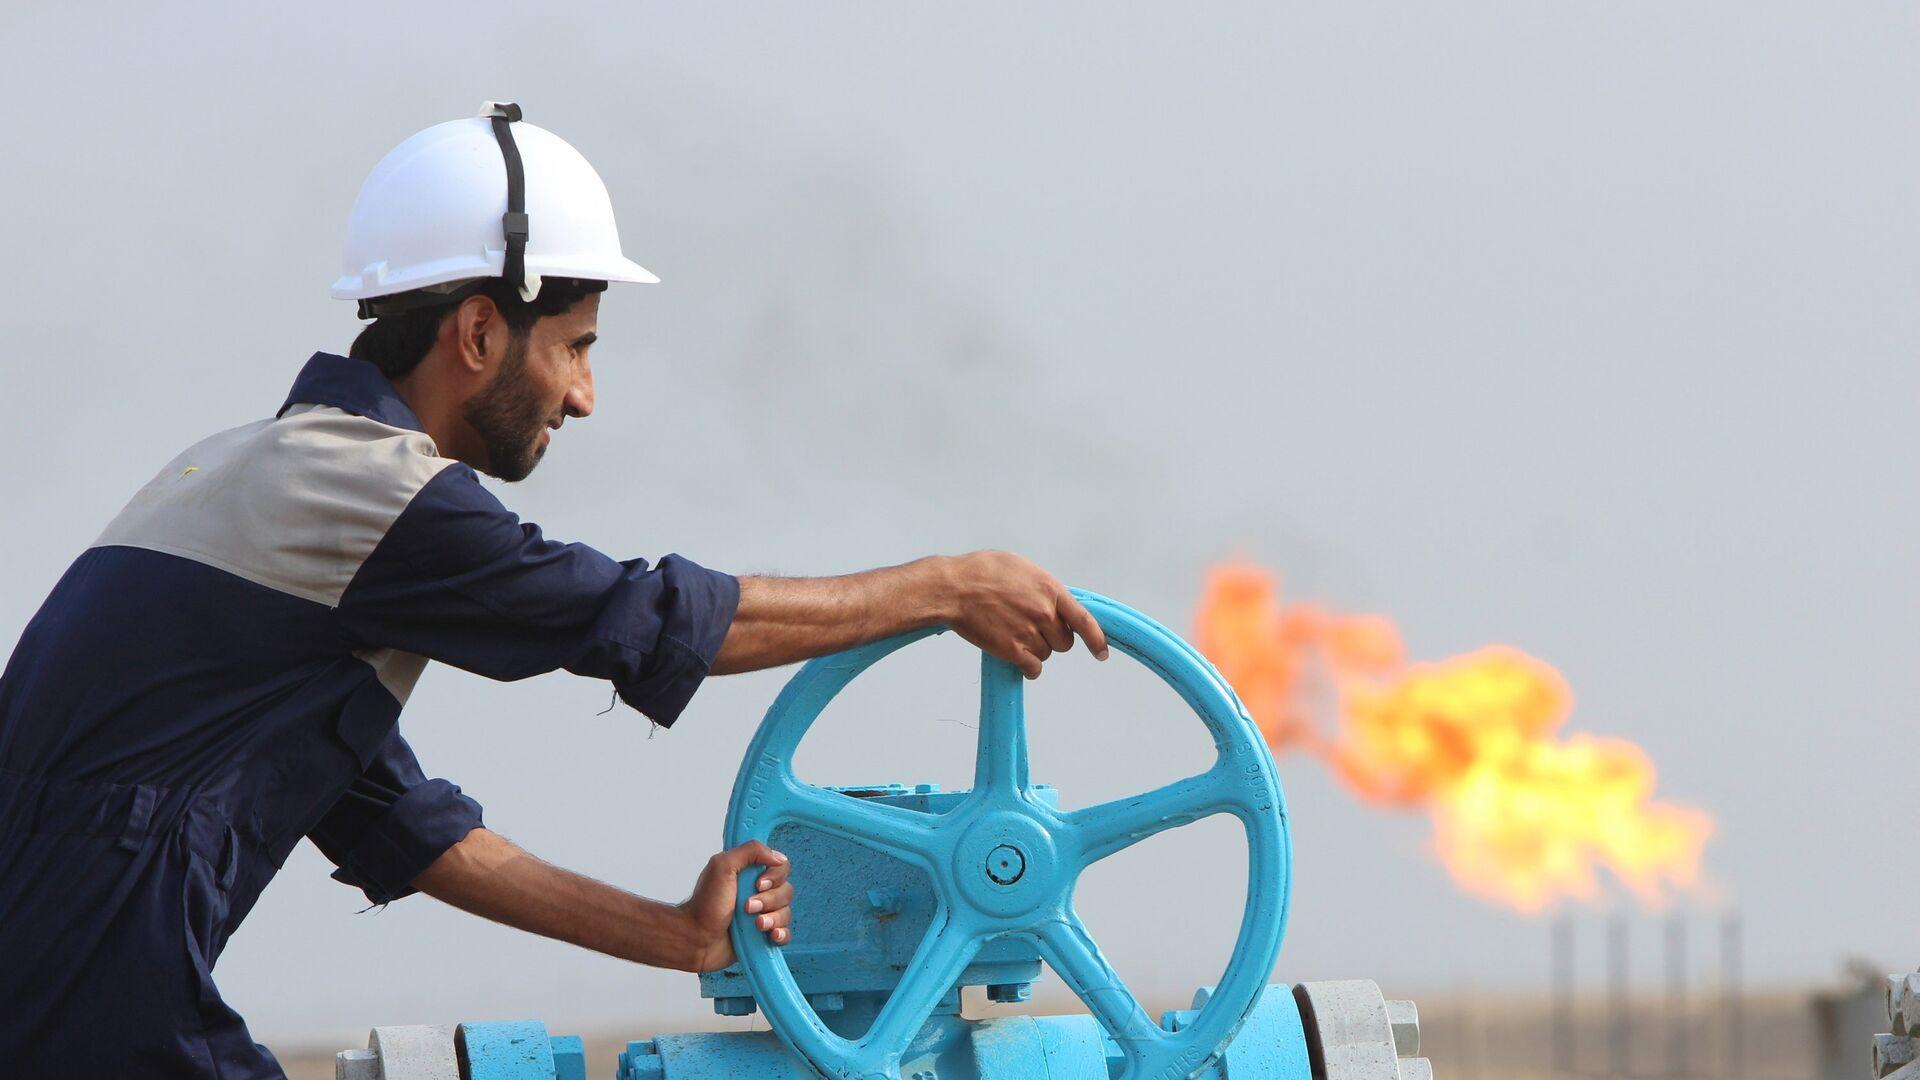 Empleado comprueba una tubería de petróleo en Irak - Sputnik Mundo, 1920, 03.03.2021